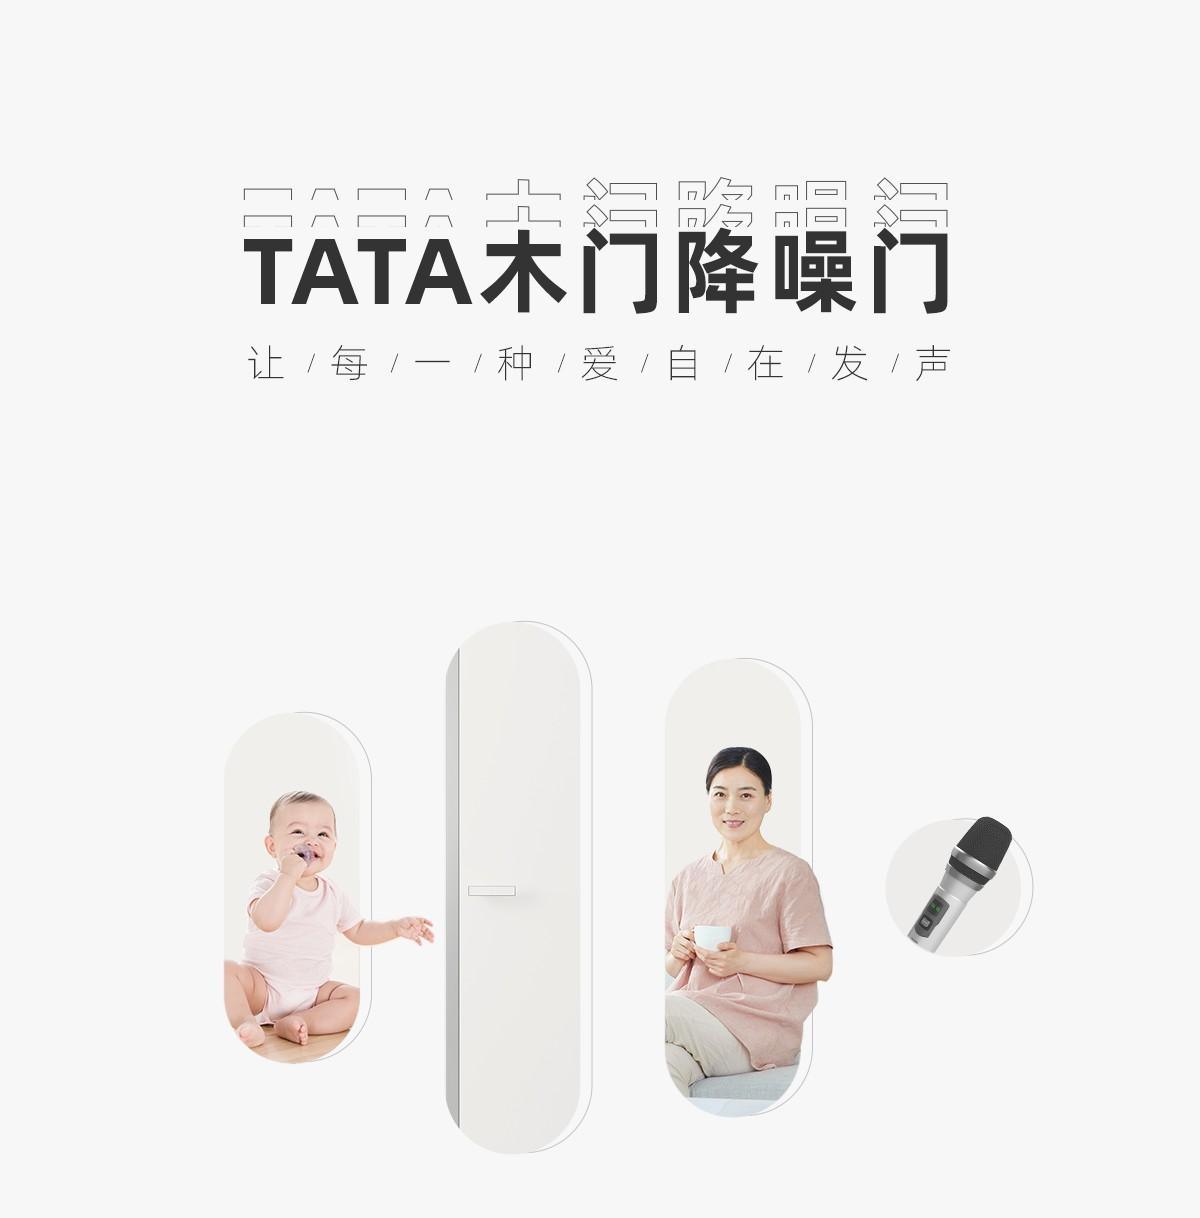 TATA木门质量,都2021年了这些你不会还不知道吧